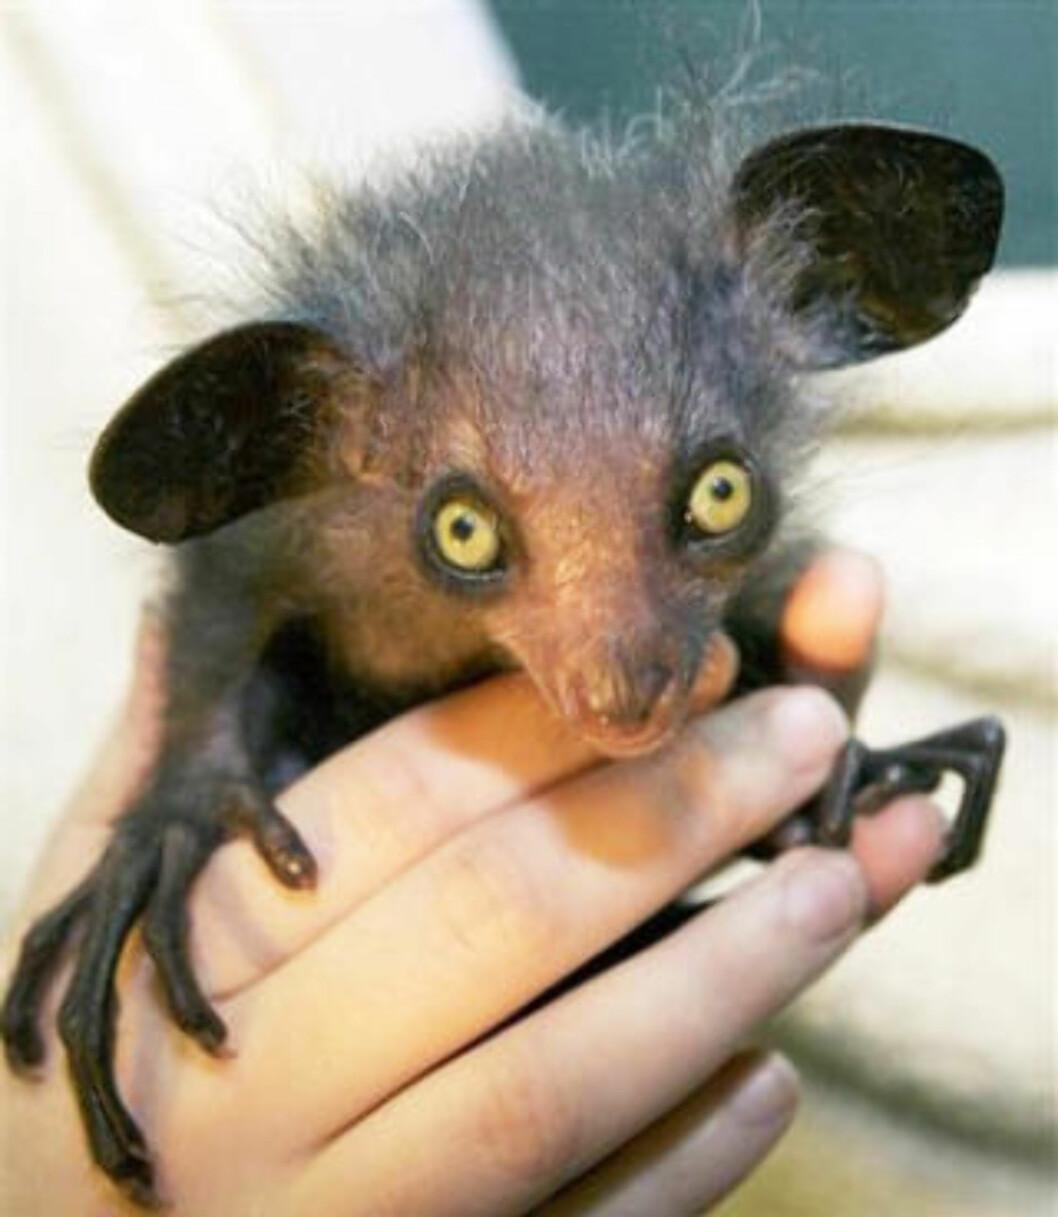 SYMBOL PÅ DØD: Aye-ayen har vanskelige levekår på Madagaskar; lokale folk anser den som et symbol på død og bærer av ondskap. Her en aye-aye som ble født i Bristol dyrehage for fire år siden. Foto: BRISTOL ZOO